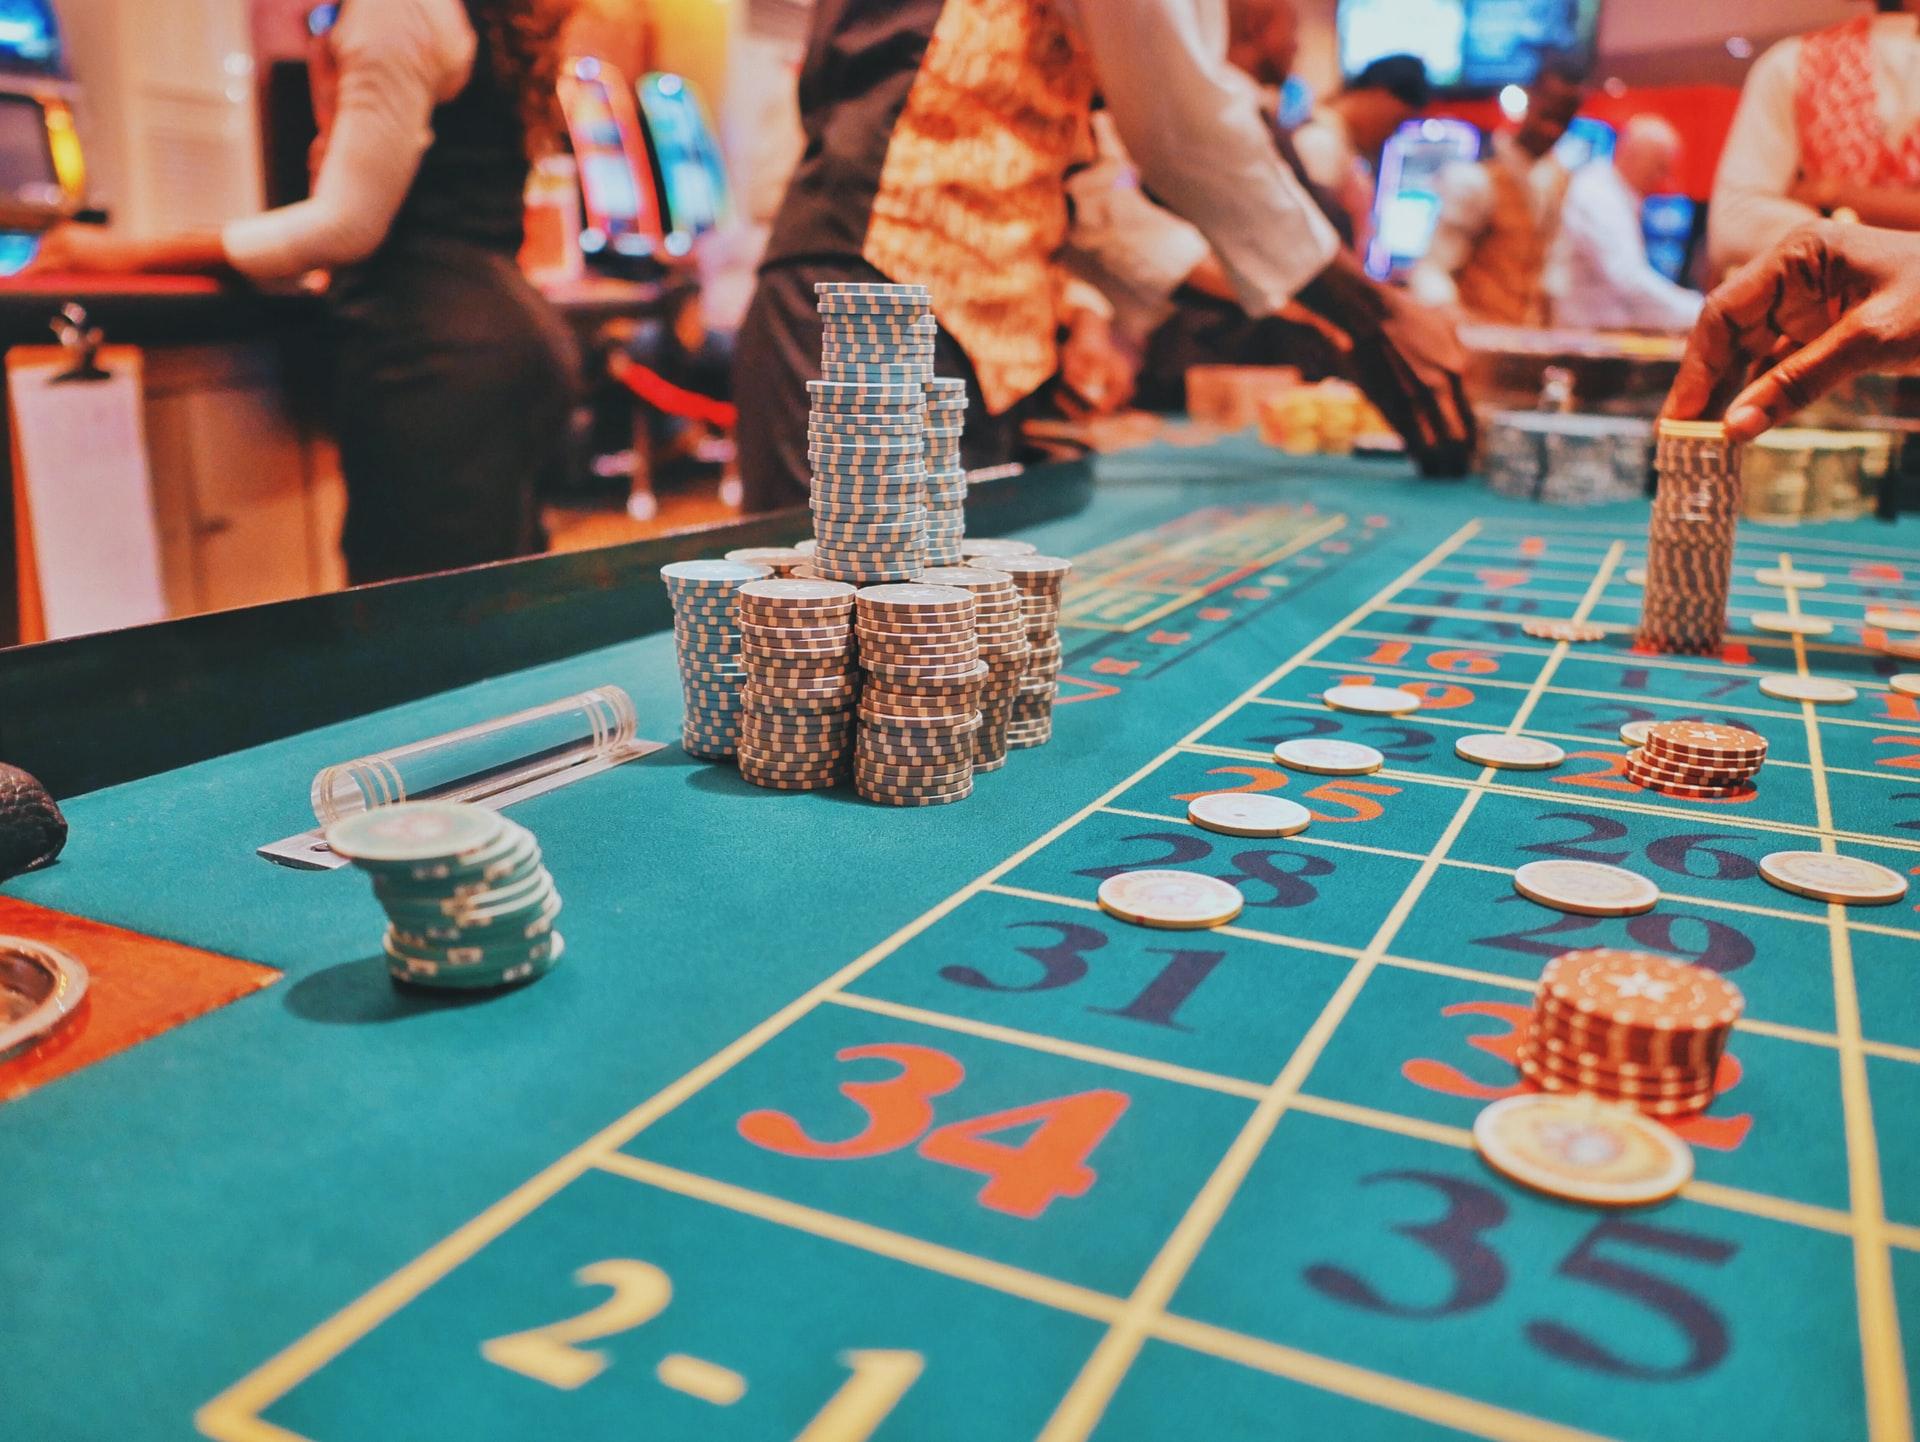 Markedsværdien af online casinoer rammer 100 mia dollars i 2026